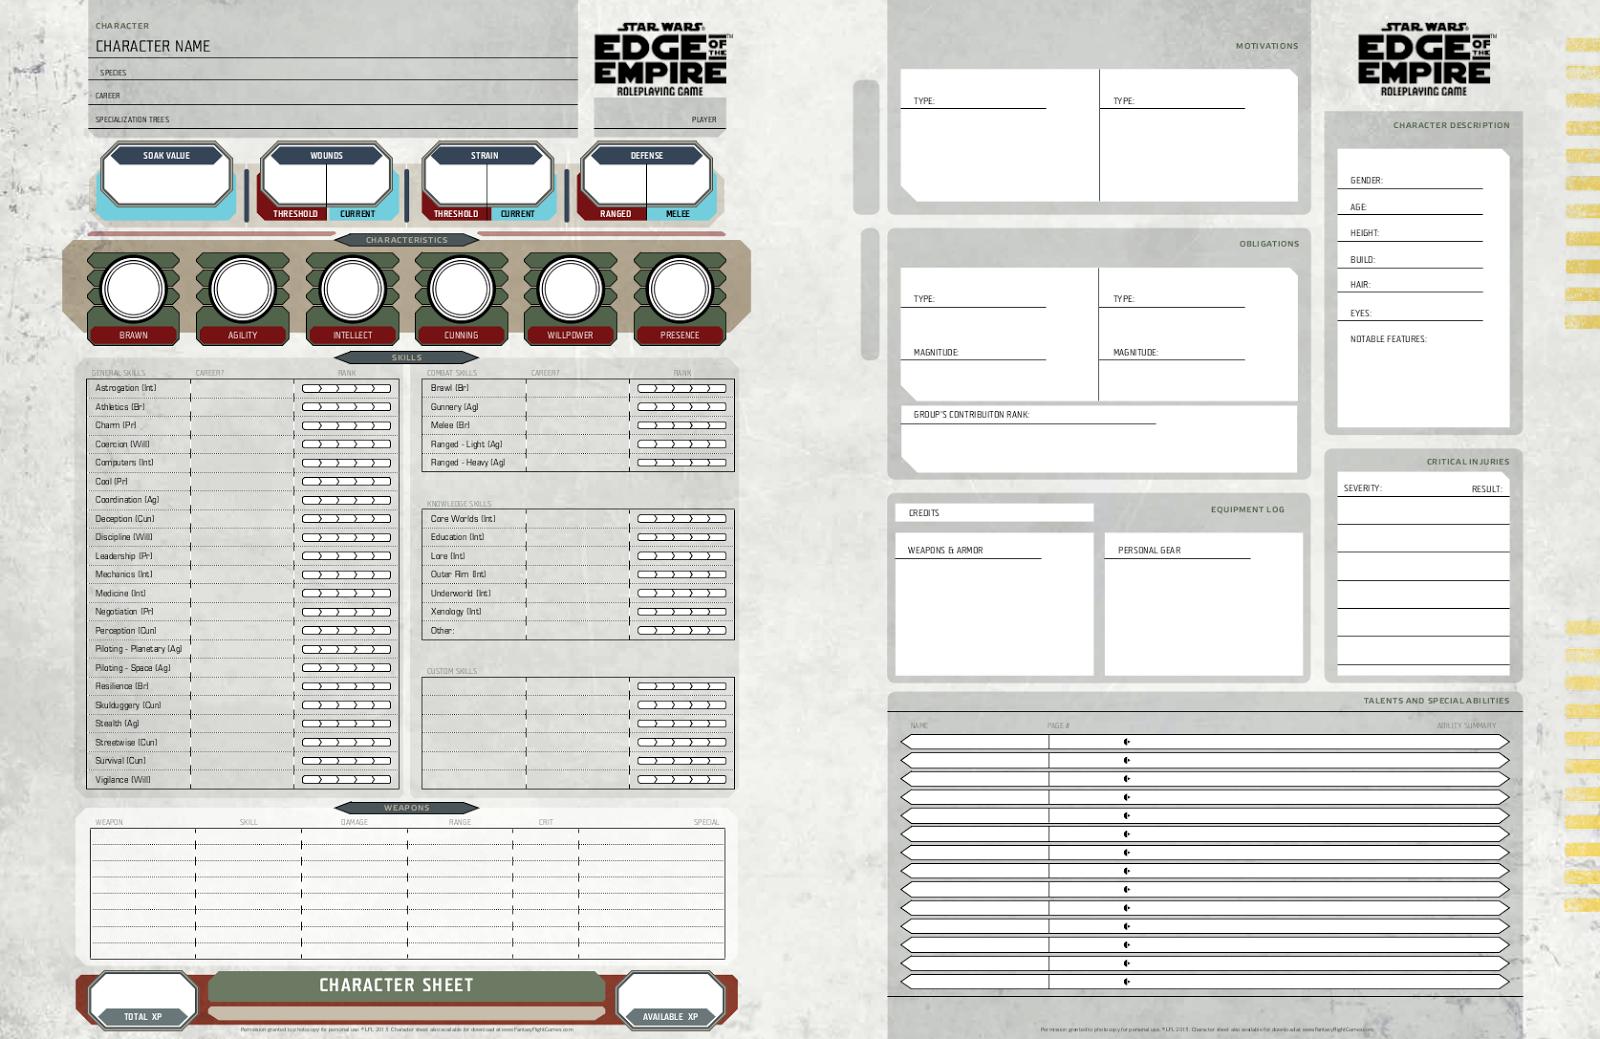 Edge Empire Star Wars Ship Sheet